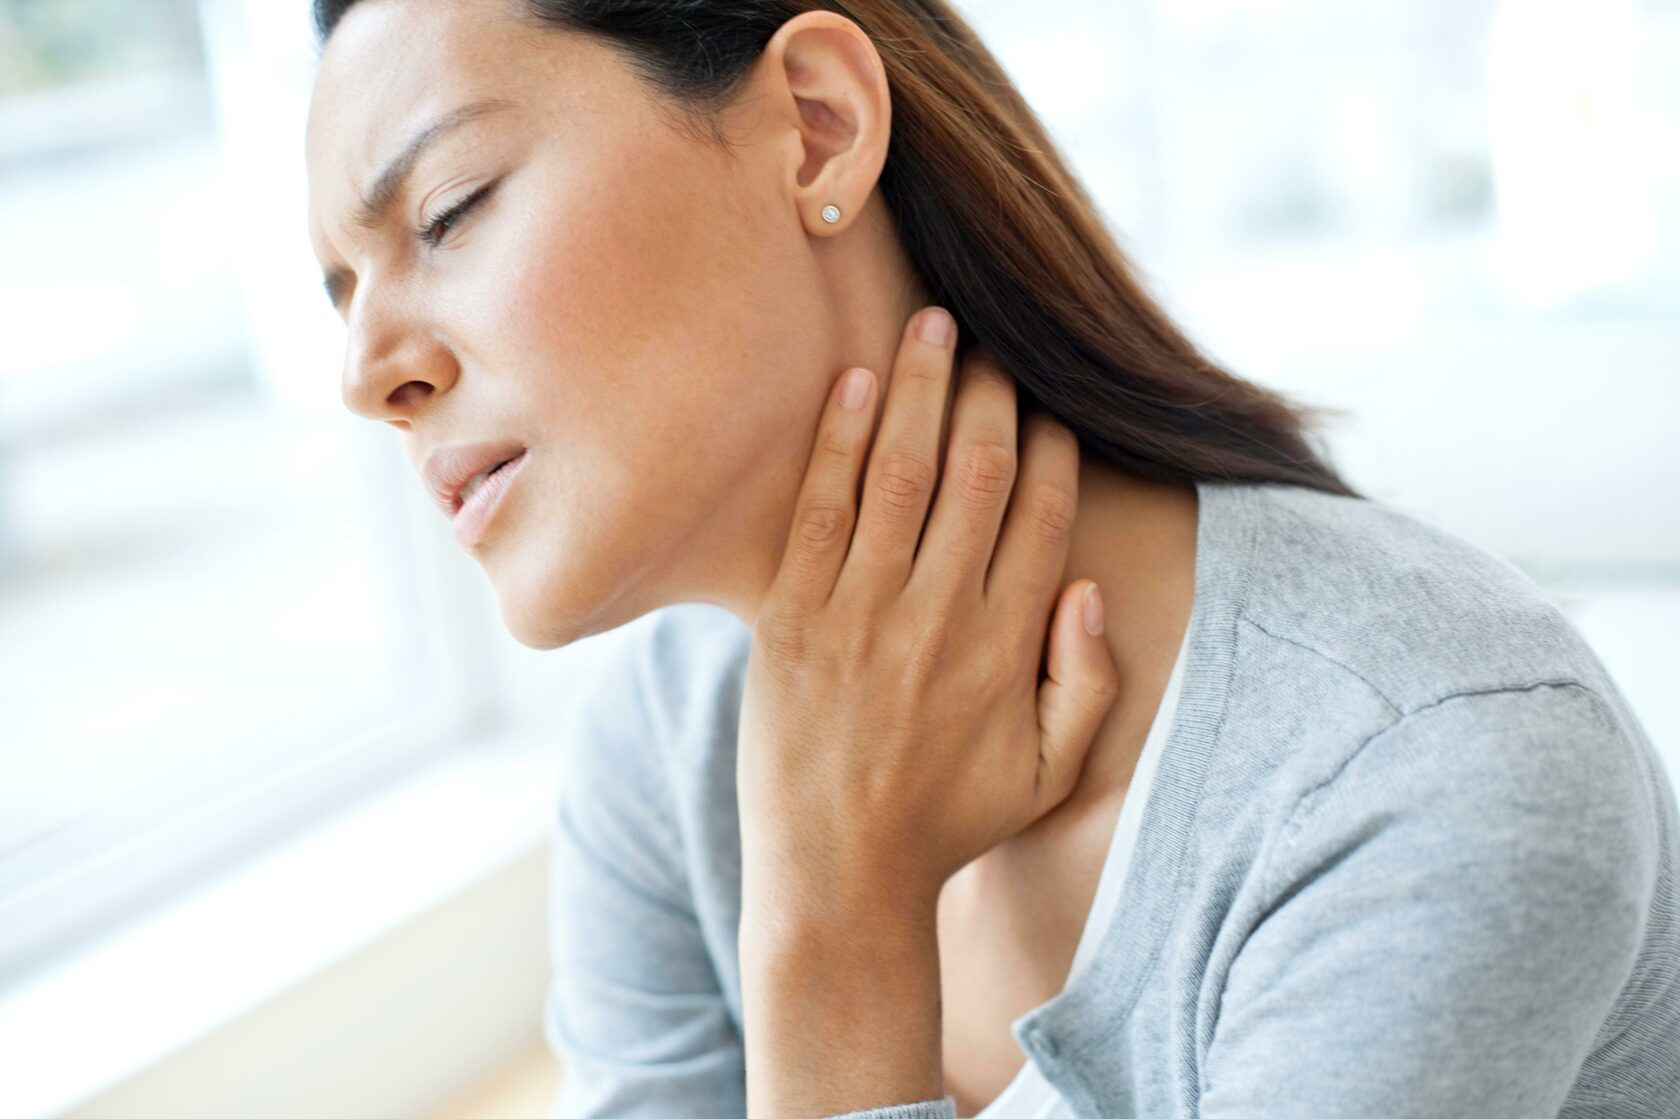 боль в горле при зевании